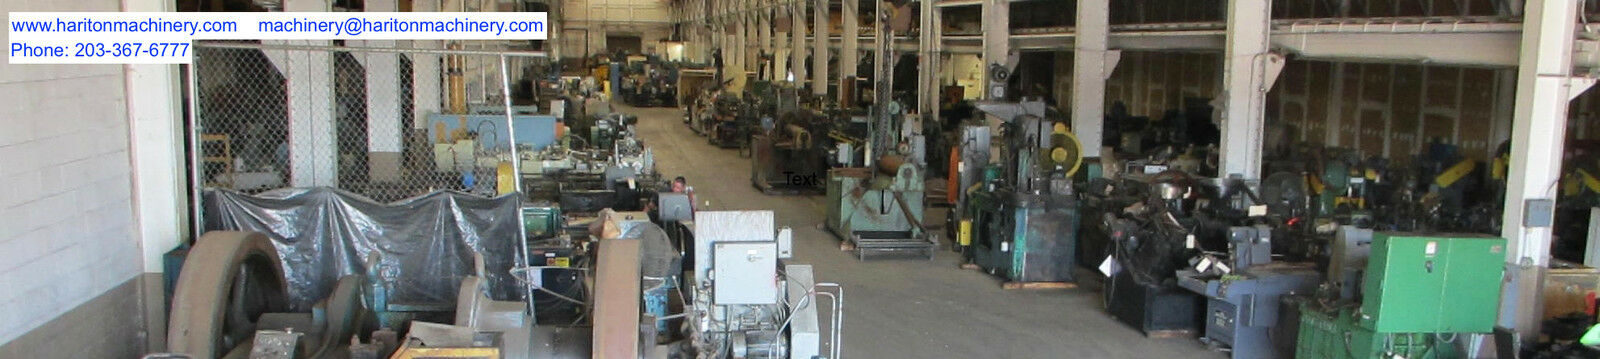 haritonmachinery